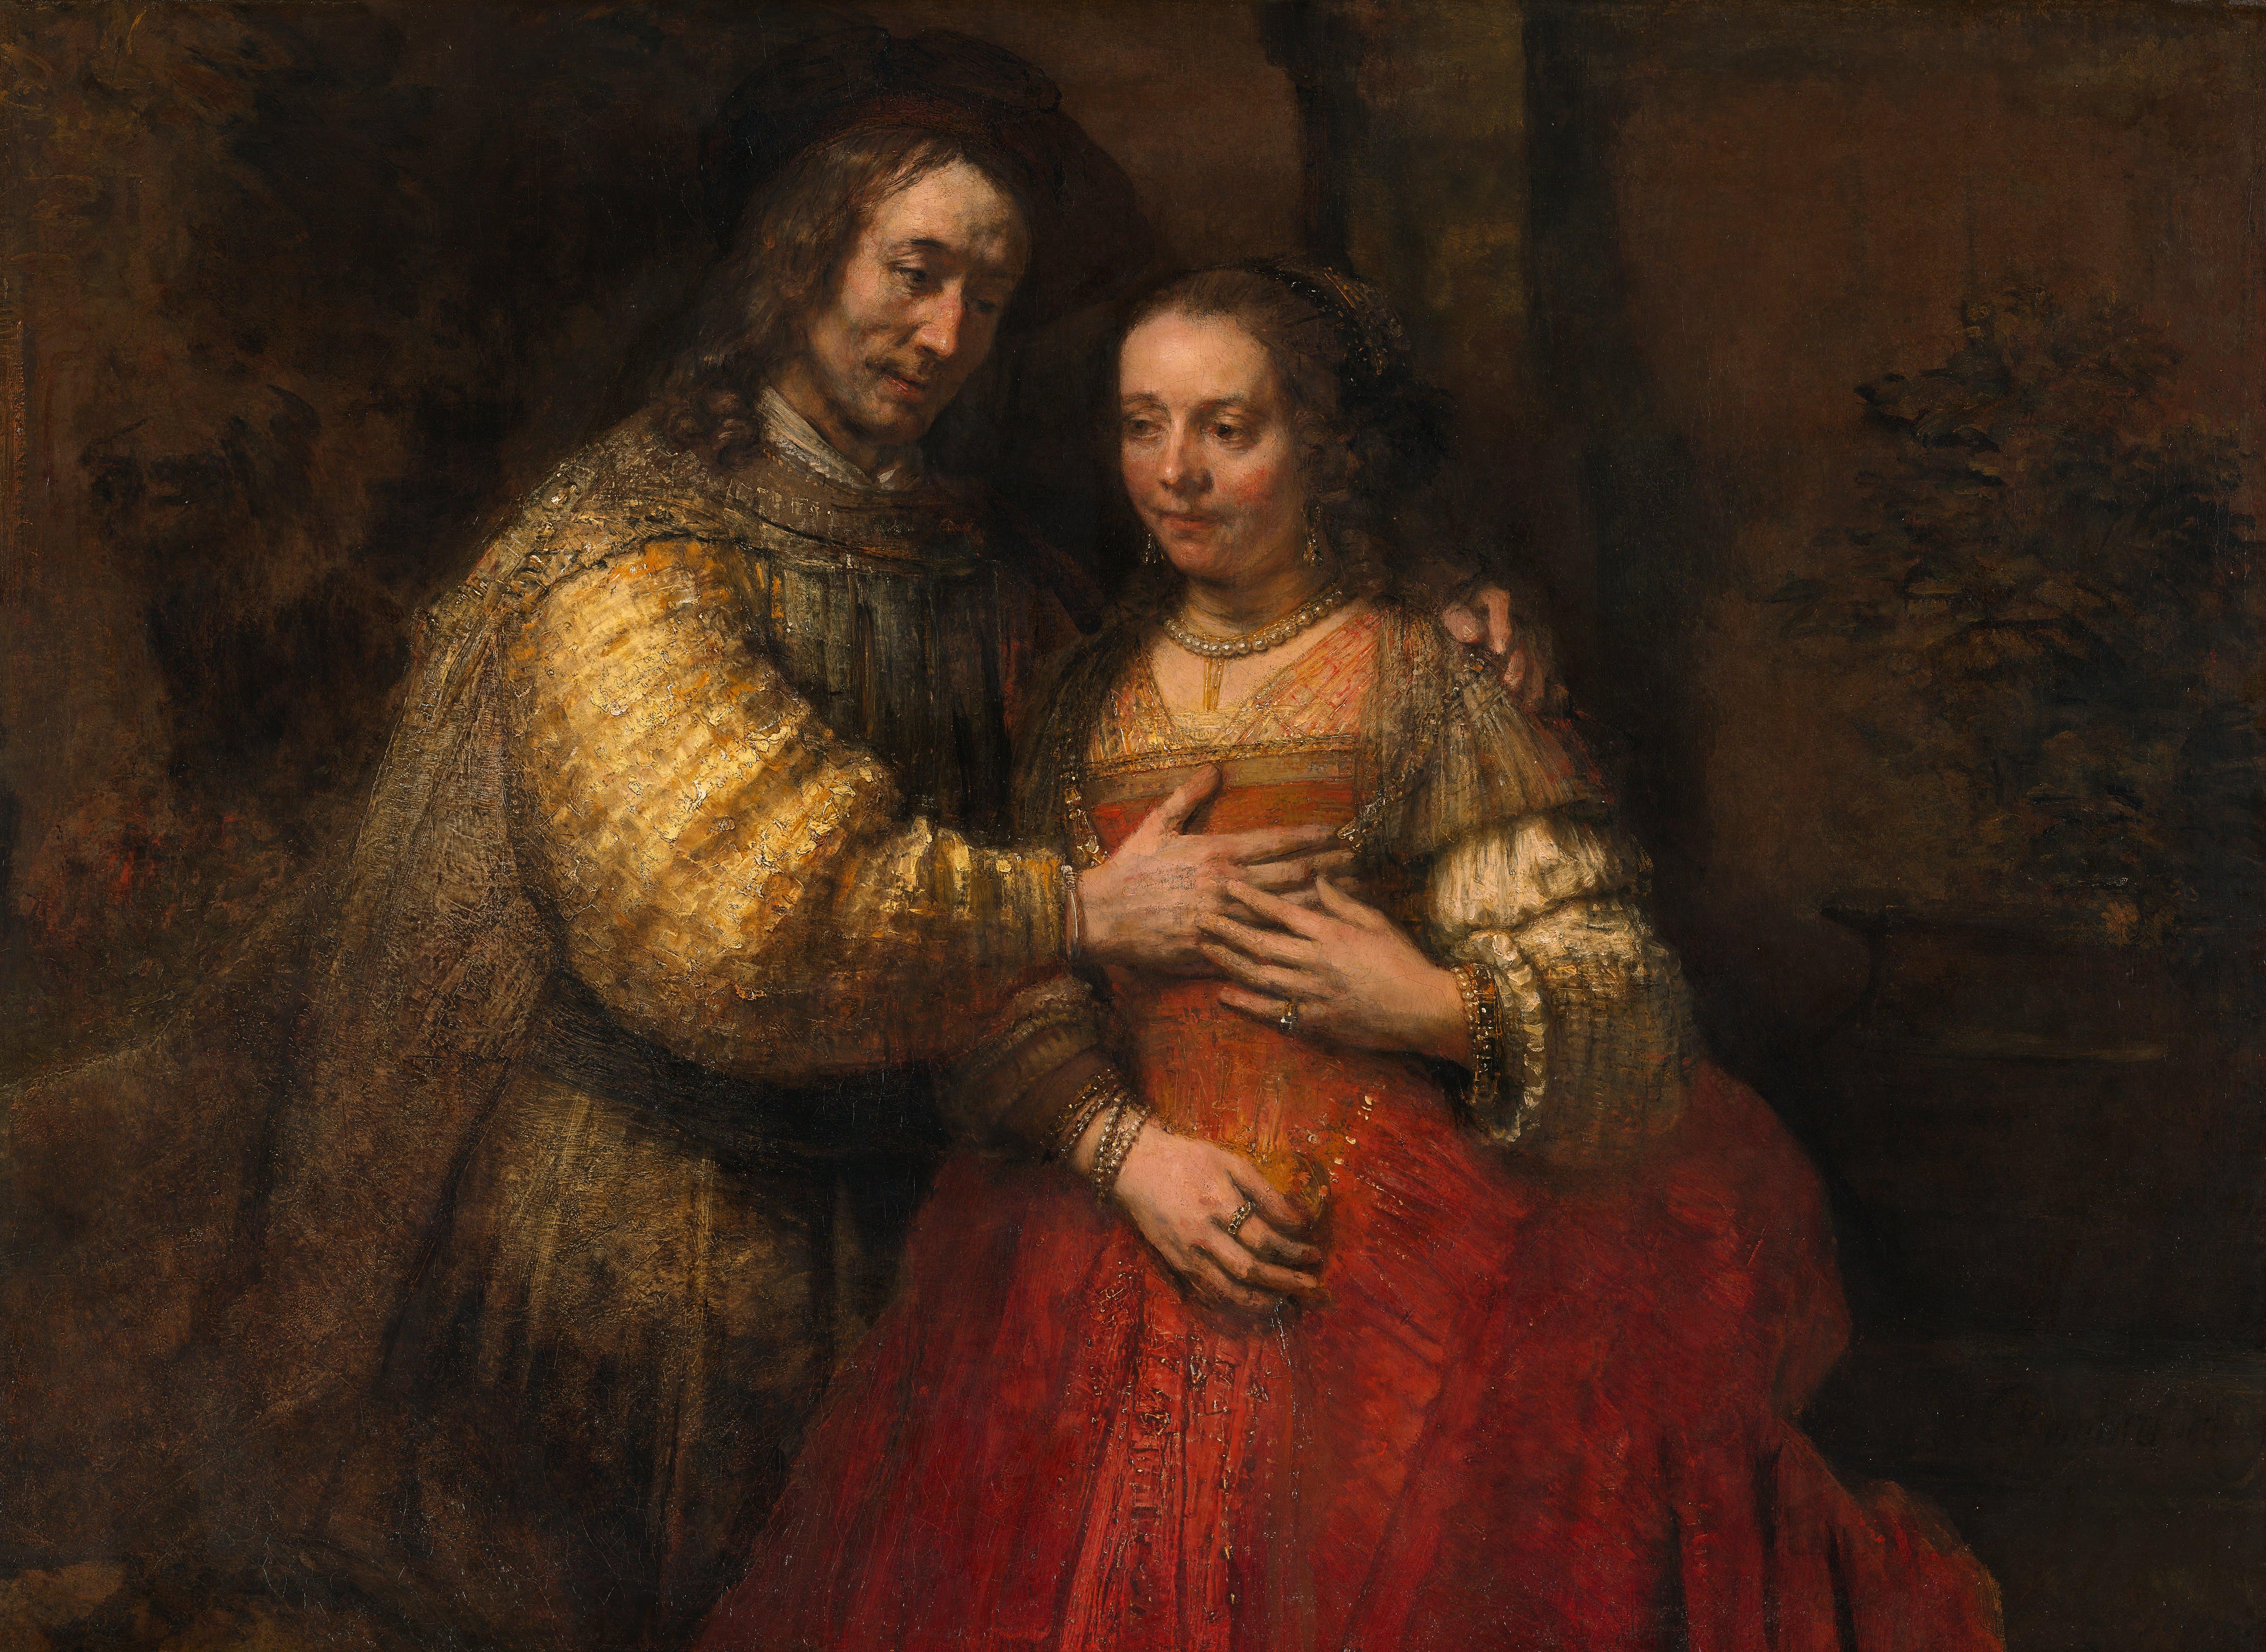 Rembrandt_Harmensz._van_Rijn_-_Portret_van_een_paar_als_Oud-Testamentische_figuren,_genaamd_'Het_Joodse_bruidje'_-_Google_Art_Project